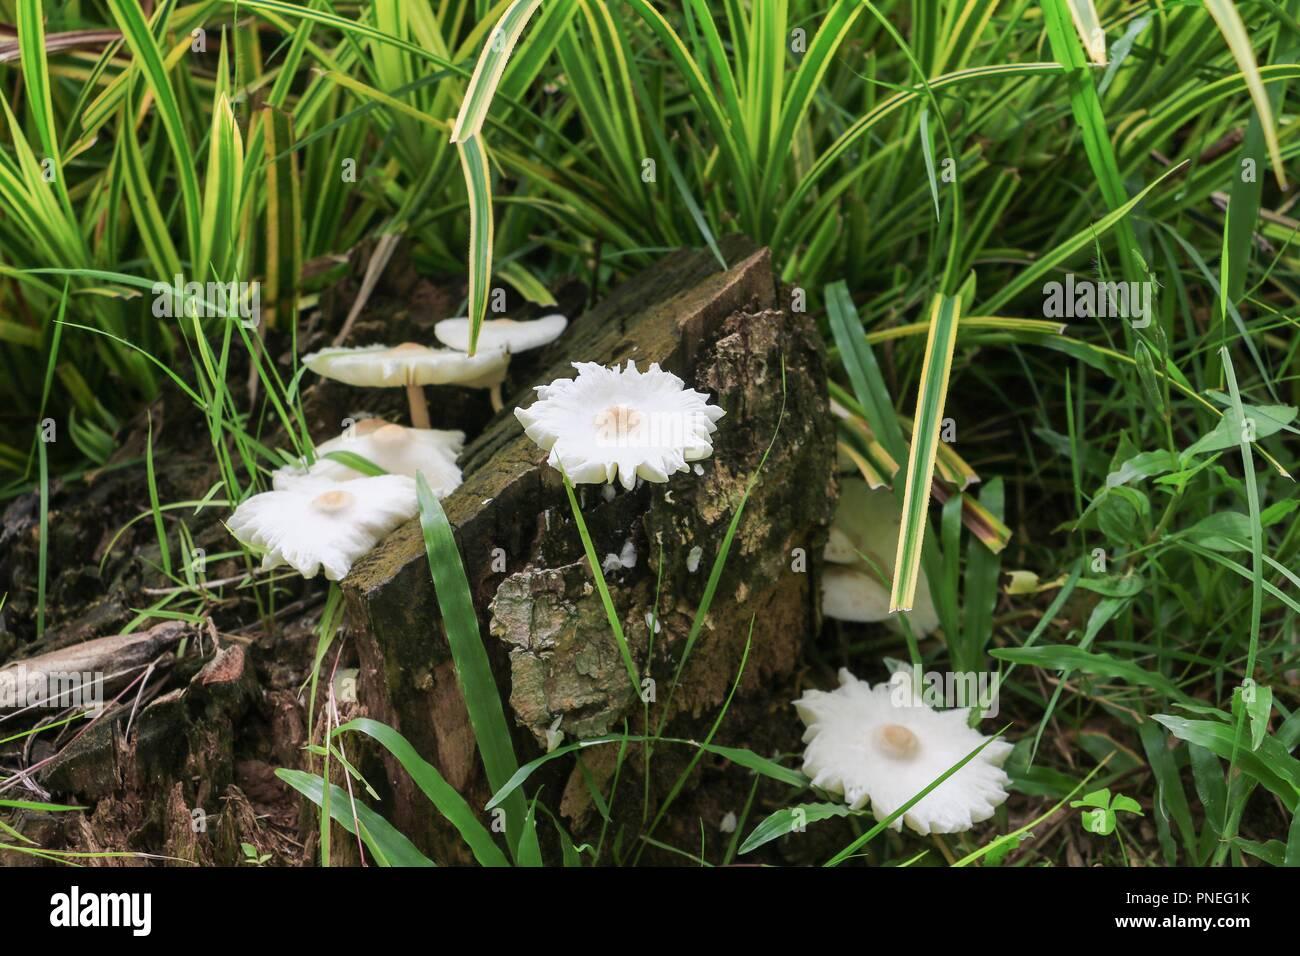 Dans la nature champignons belle sur le plancher de l'herbe, sélectionnez l'accent avec une faible profondeur de champ. Banque D'Images